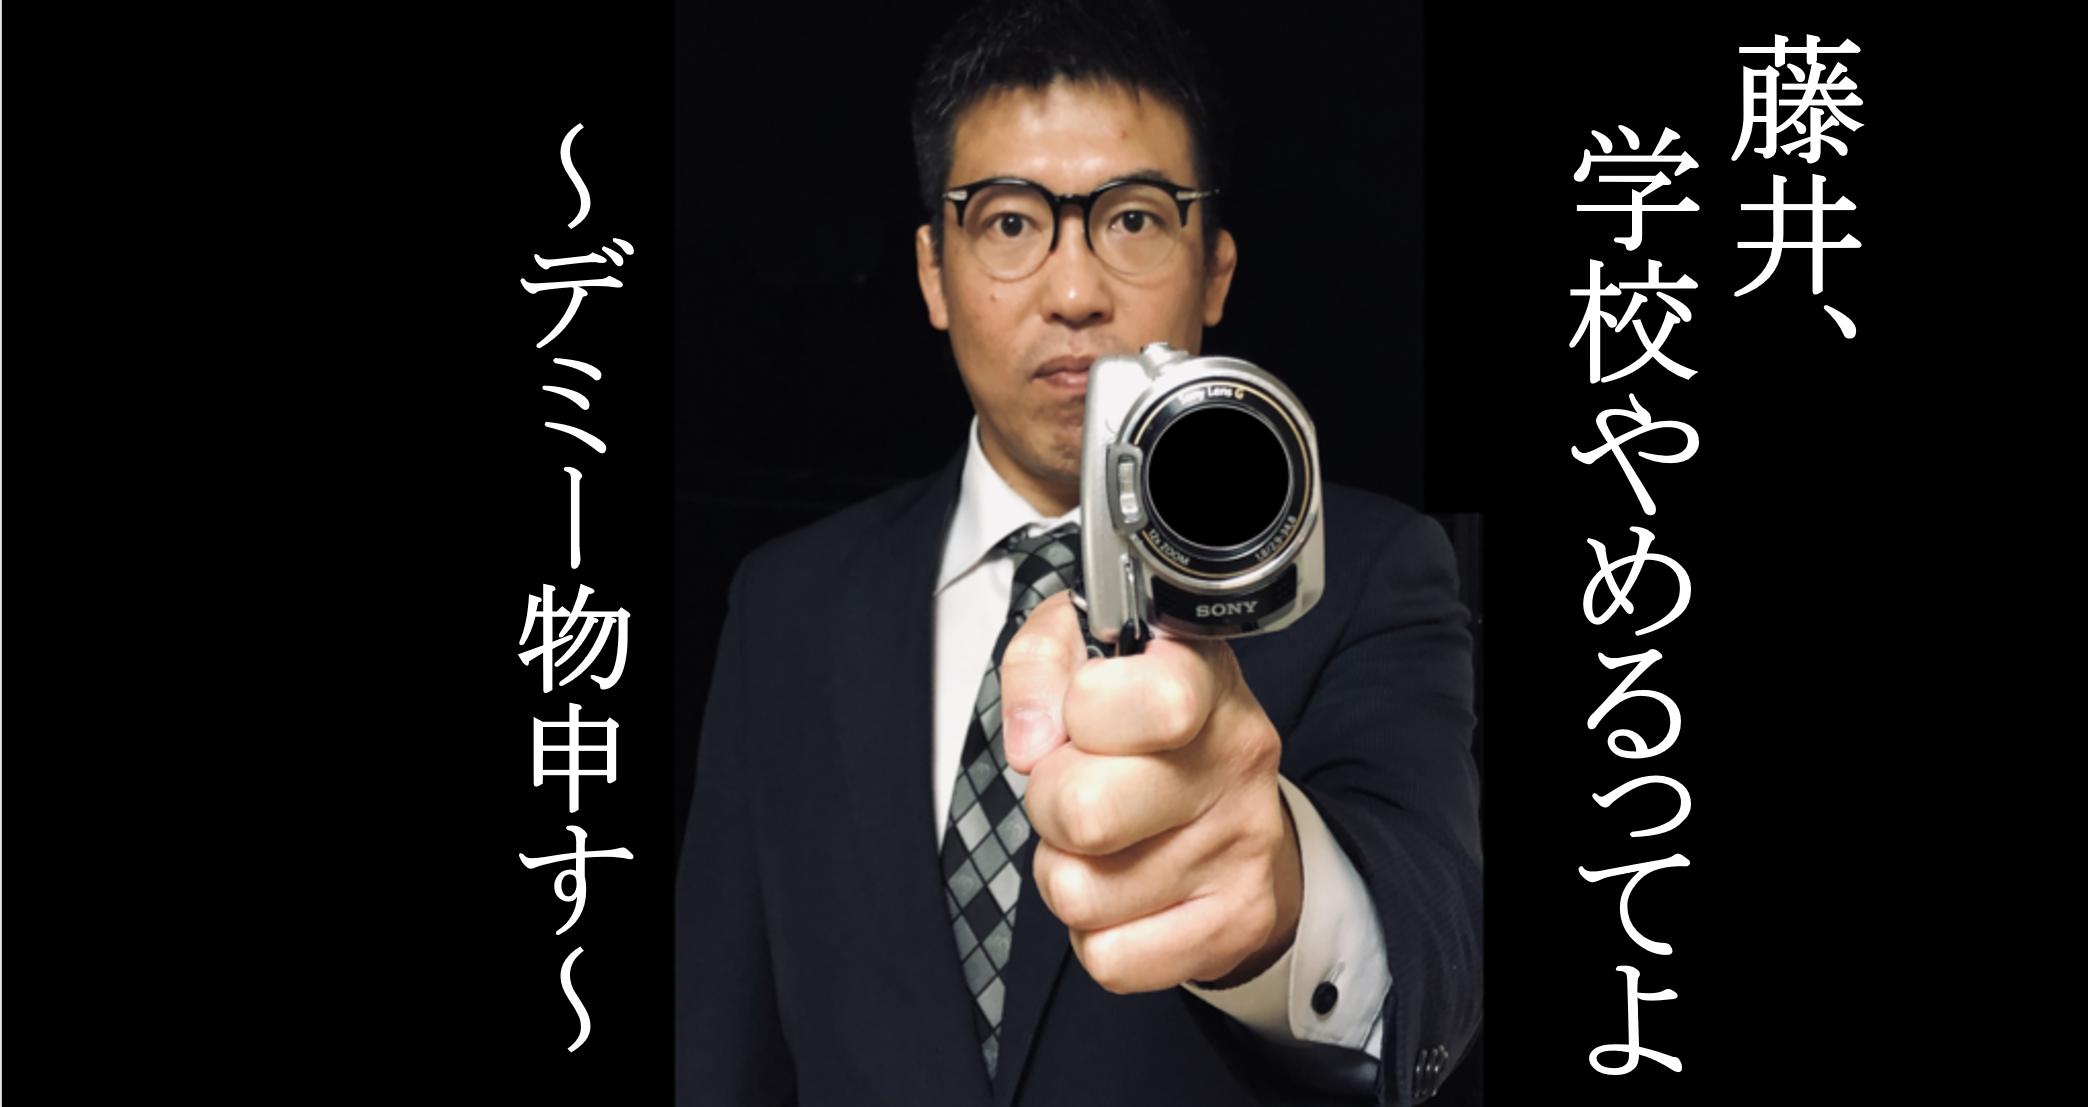 藤井颯太二冠 高校自主退学